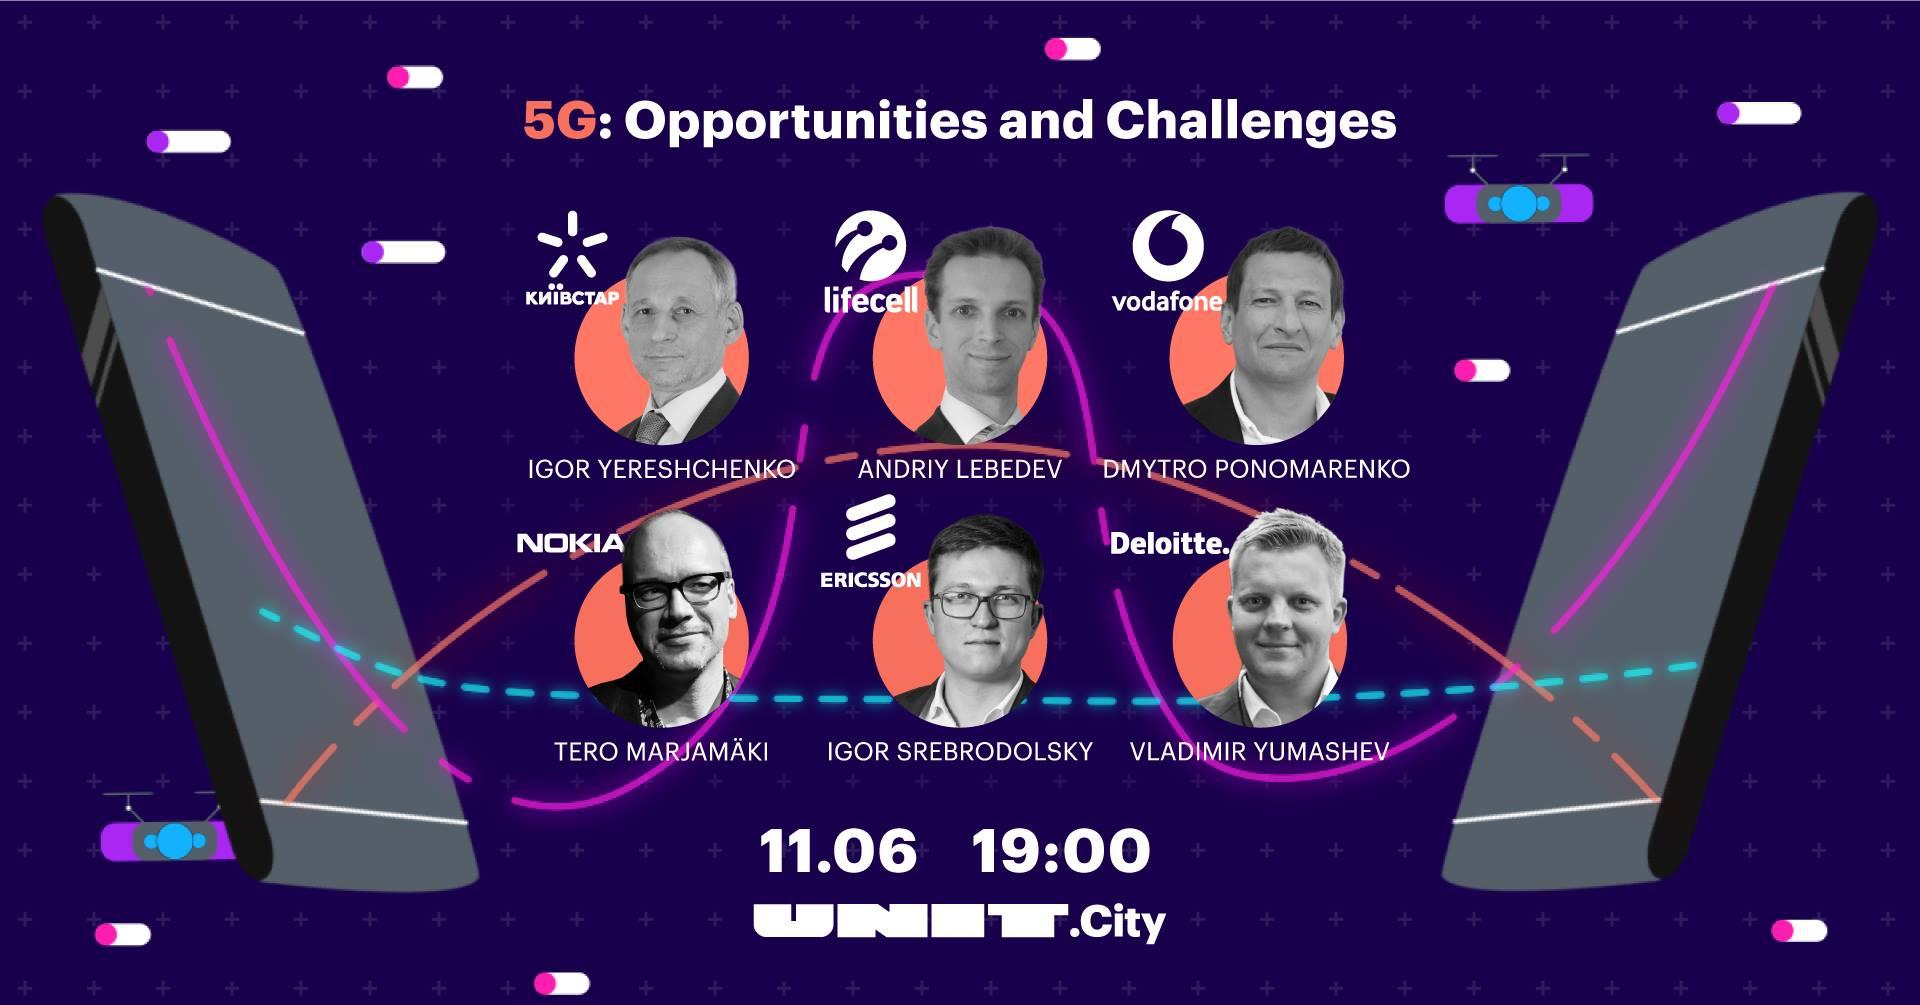 📲 В UNIT.City мобільні оператори та виробники обладнання обговорять впровадження 5G